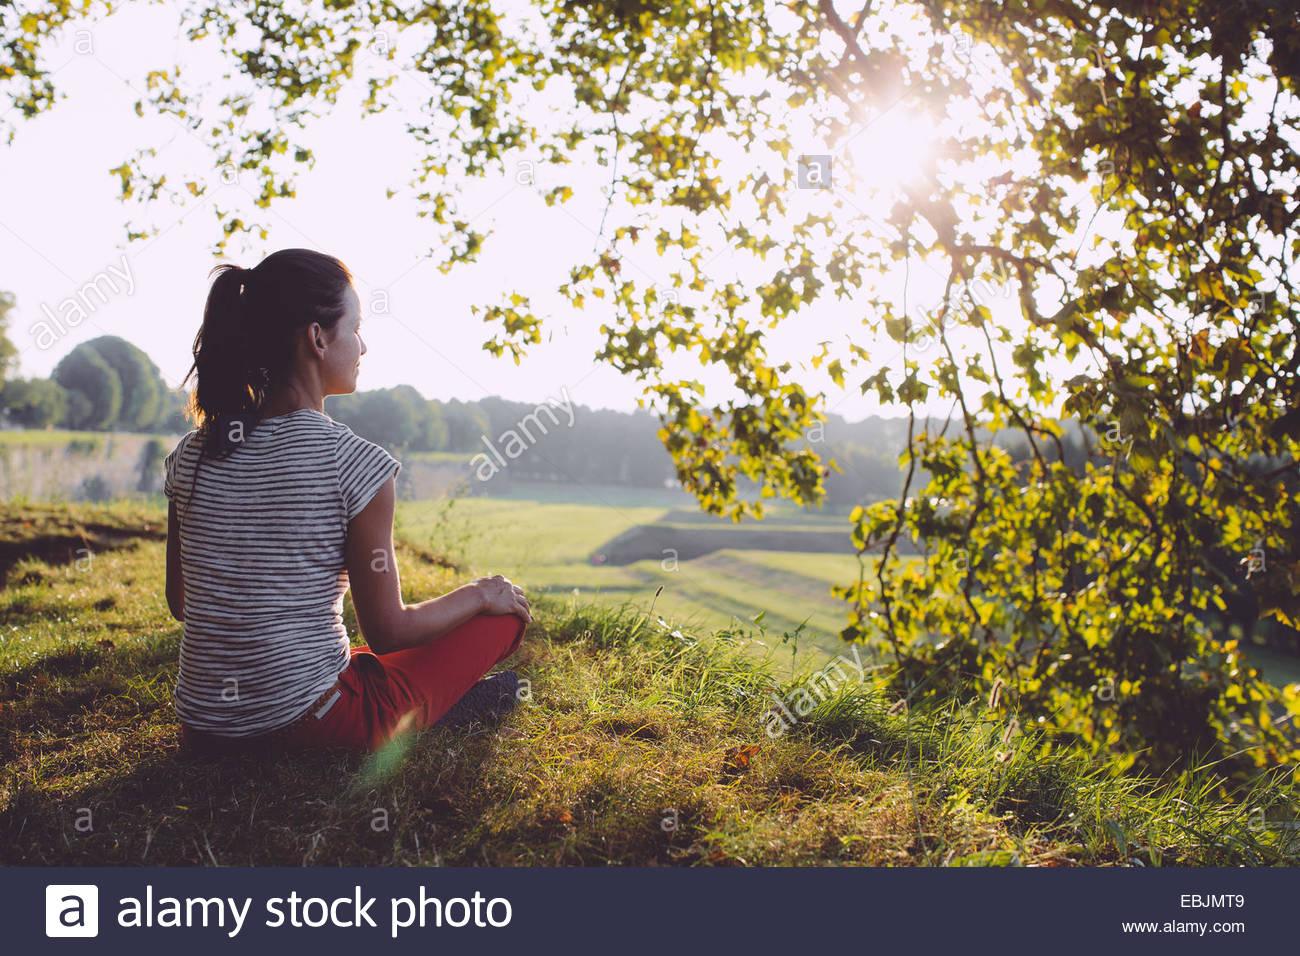 Vista posteriore della metà donna adulta seduta guardando alla vista del paesaggio, Toscana, Italia Immagini Stock